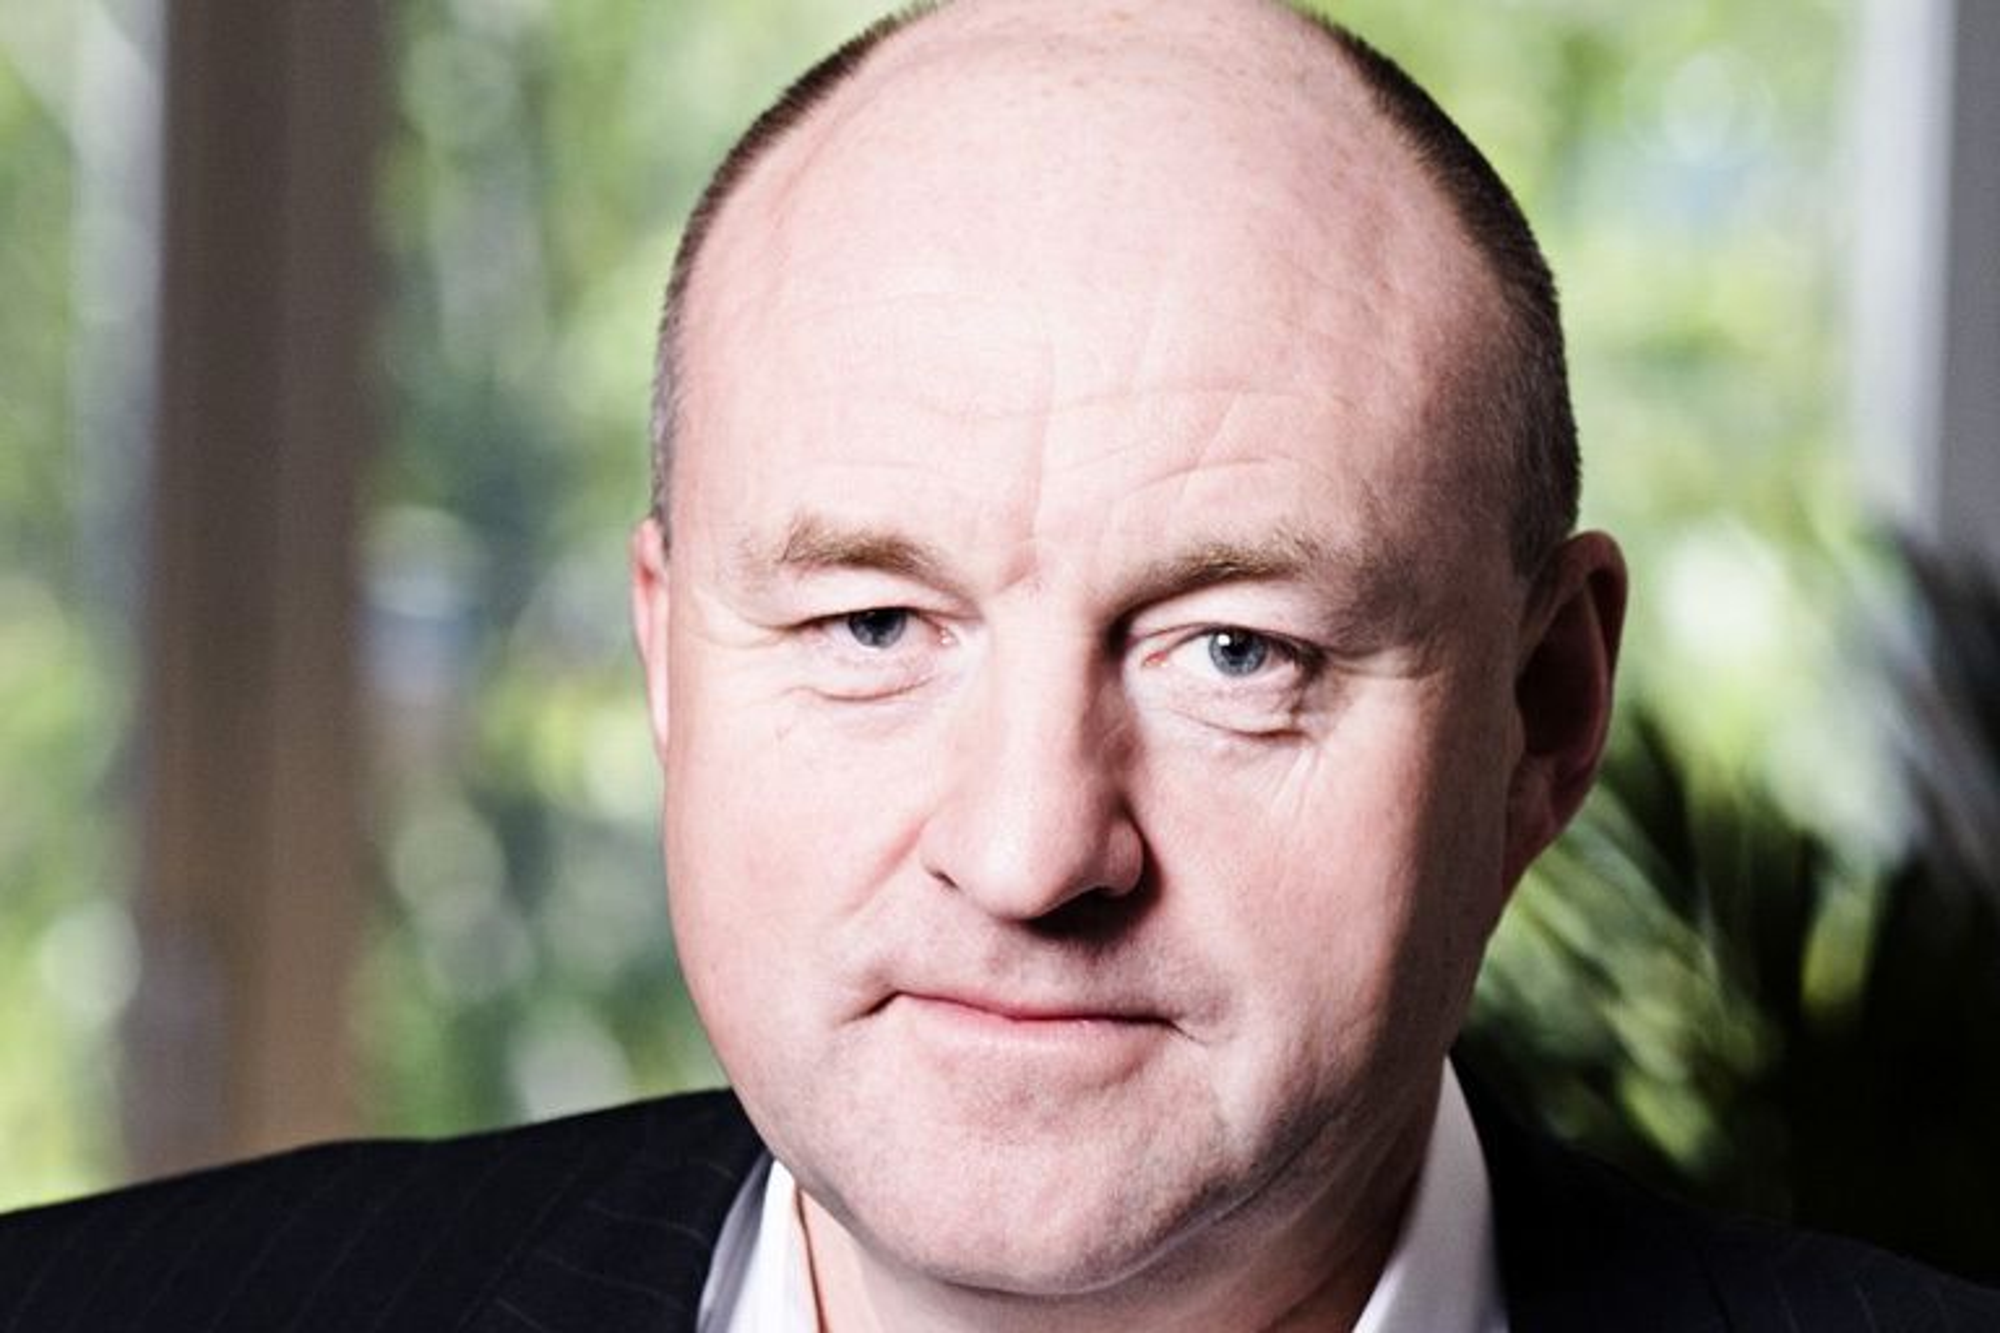 ØKER: InFacts undersøkelse gir Datametrix-sjef Svein Lerkerød grunn til å tro at markedet for videokonferanser kan vokse mye.